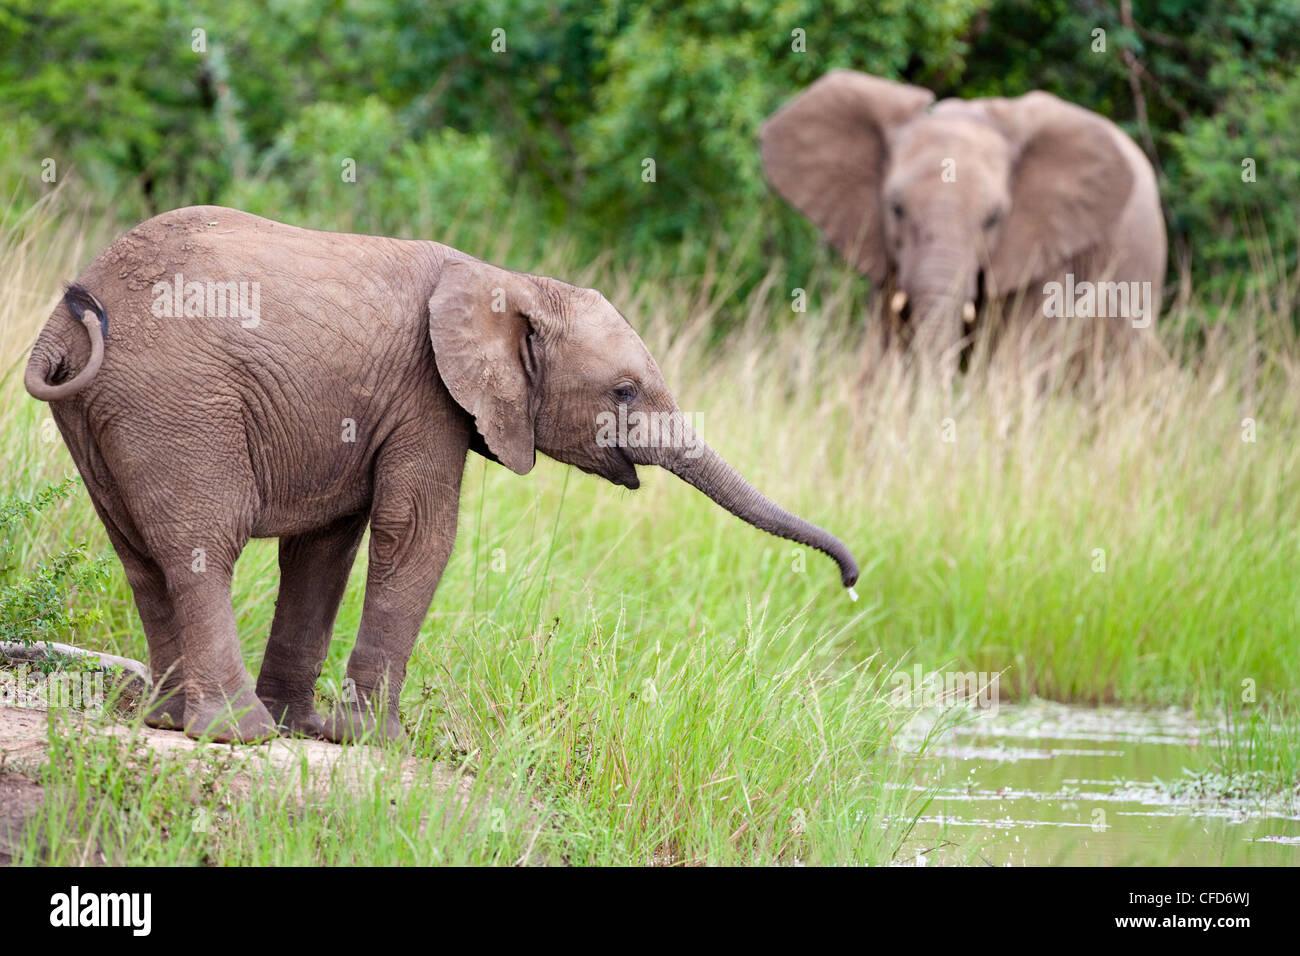 Young African elephant (Loxodonta africana) drinking, Hluhluwe Umfolozi Park, Kwazulu Natal, South Africa, Africa Stock Photo